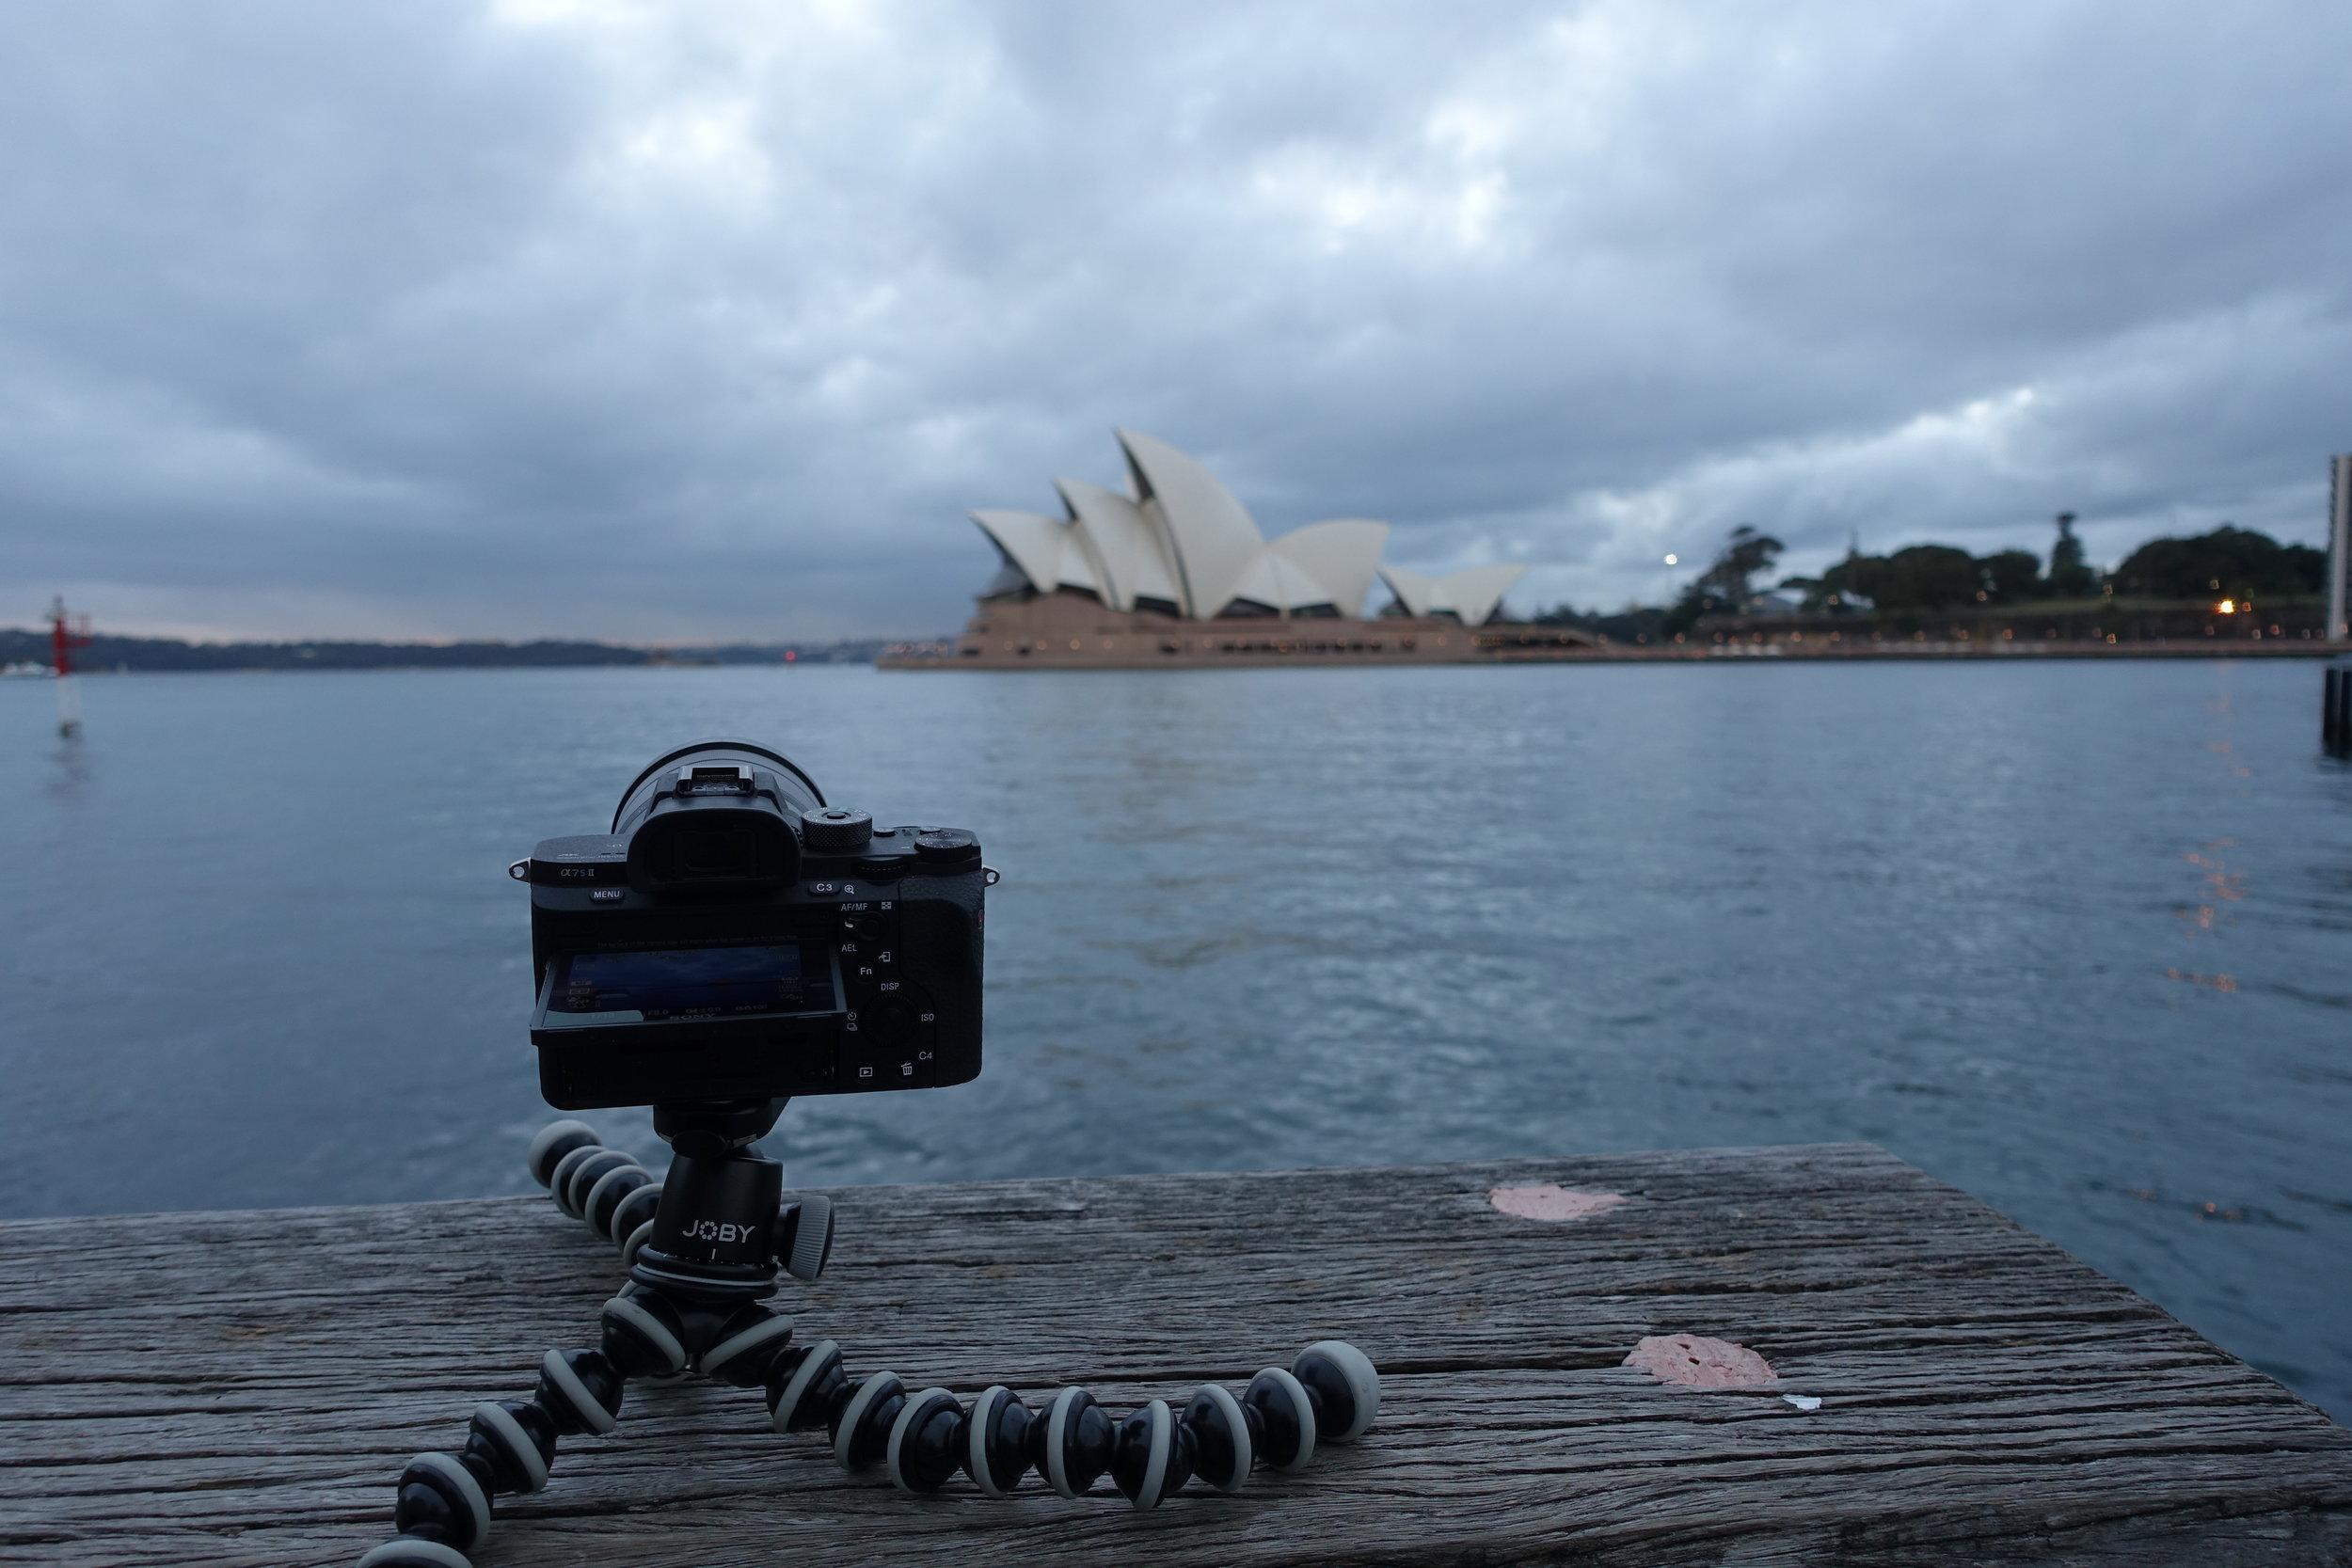 Time-lapse of Sydney Harbour bridge